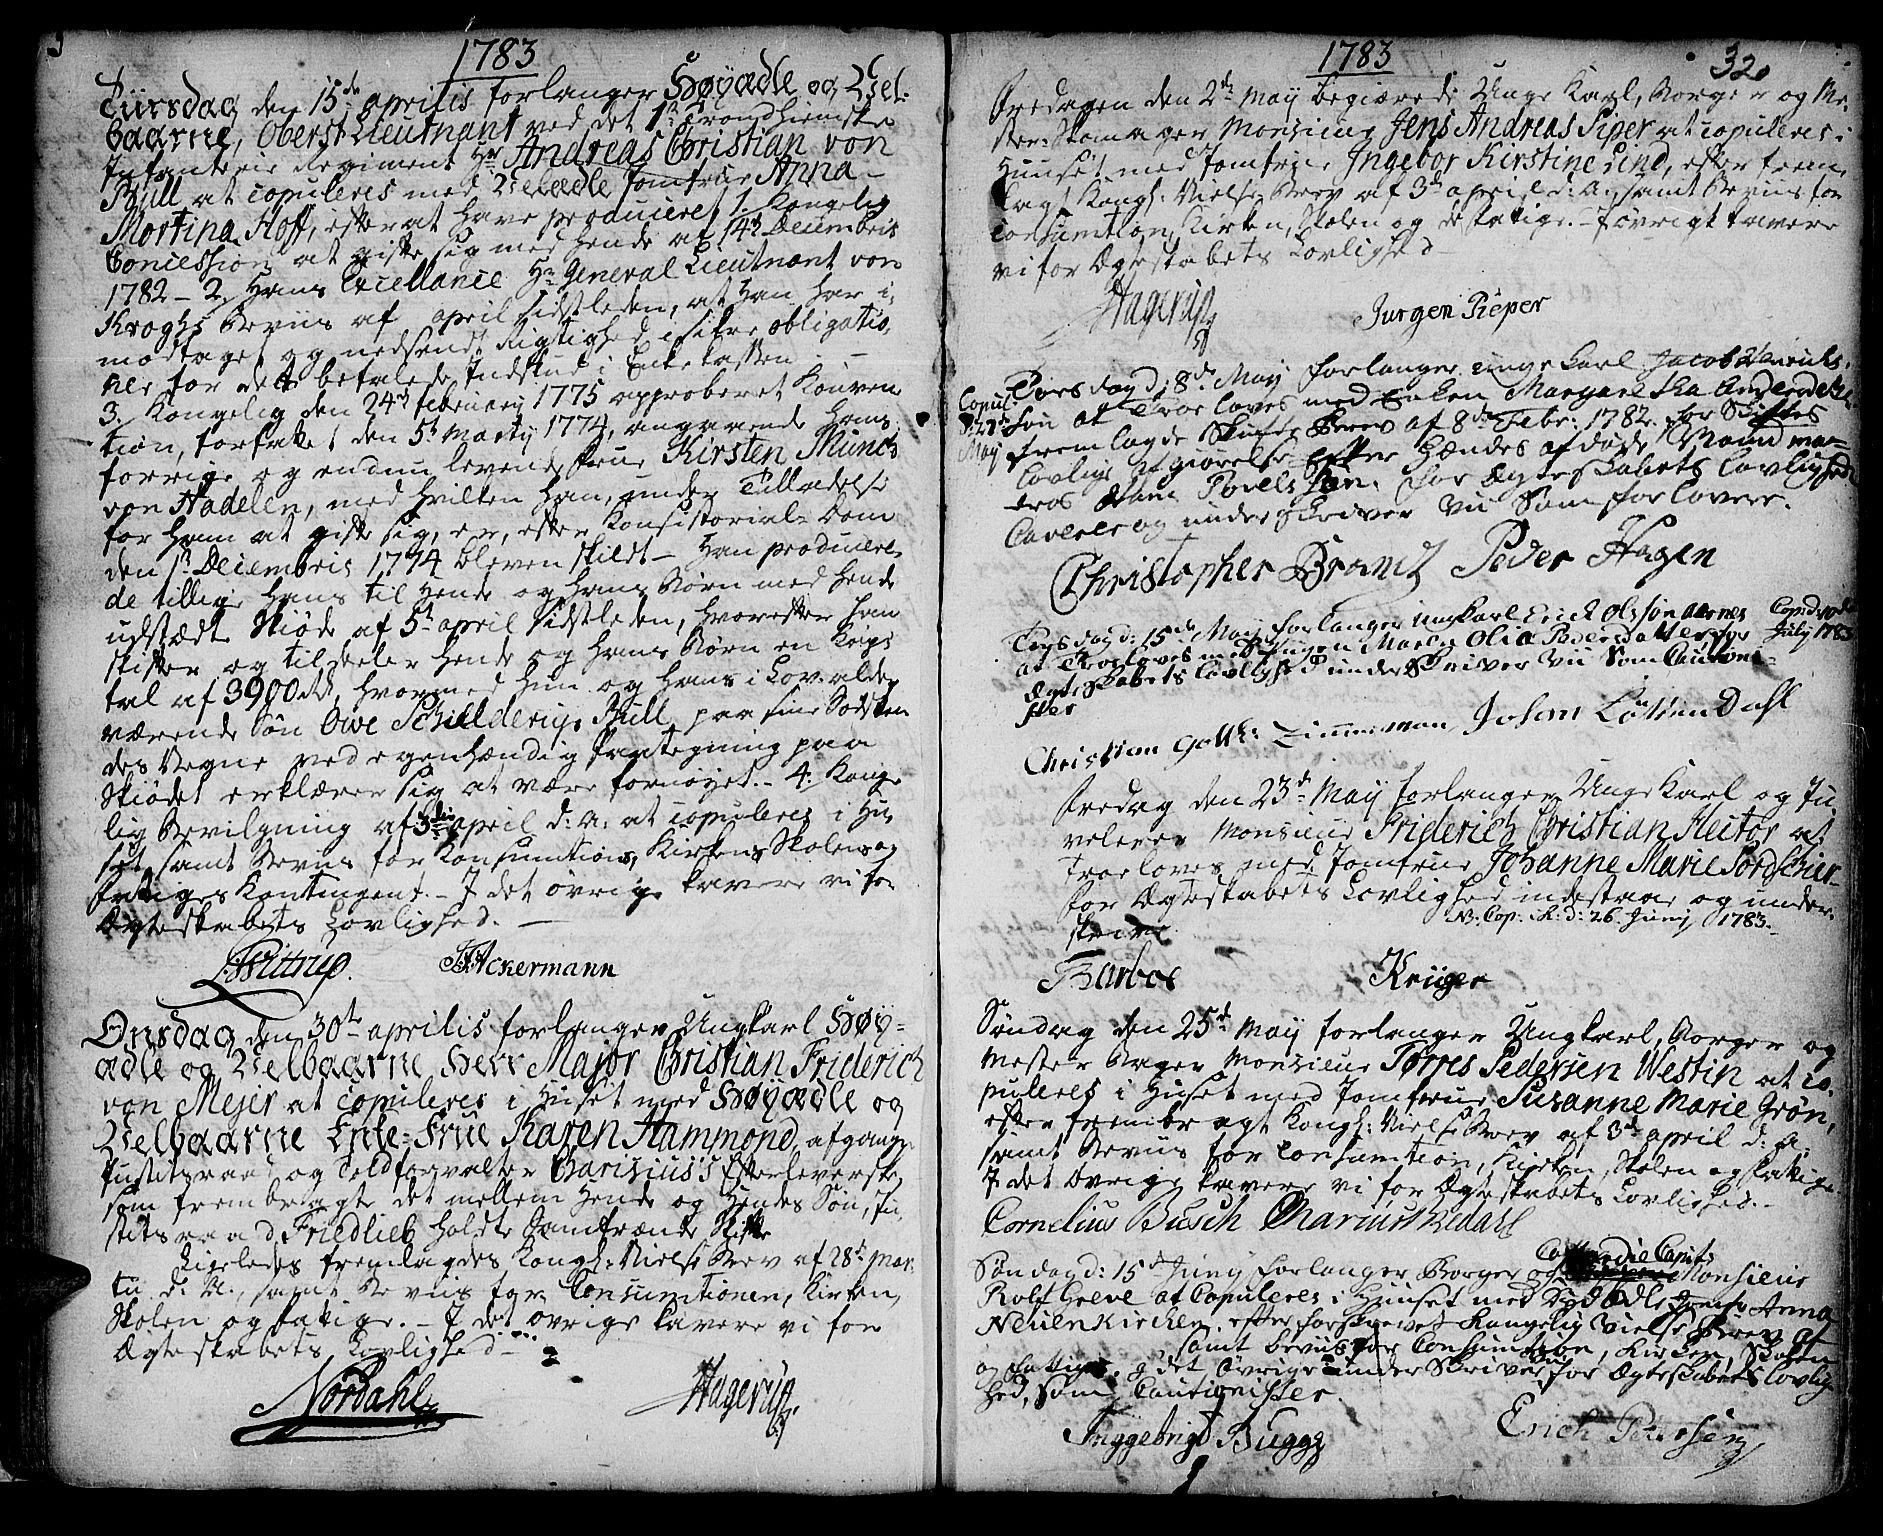 SAT, Ministerialprotokoller, klokkerbøker og fødselsregistre - Sør-Trøndelag, 601/L0038: Ministerialbok nr. 601A06, 1766-1877, s. 320